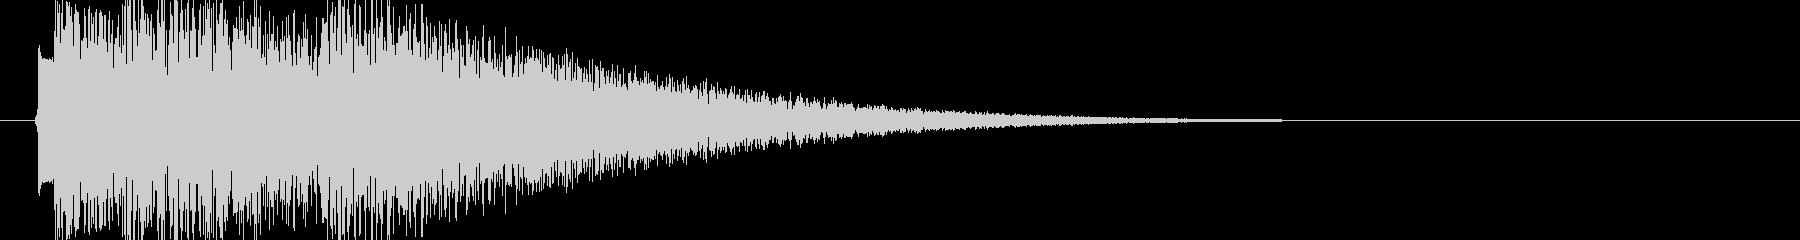 チャラン(昔のゲーム決定音ー高め)の未再生の波形